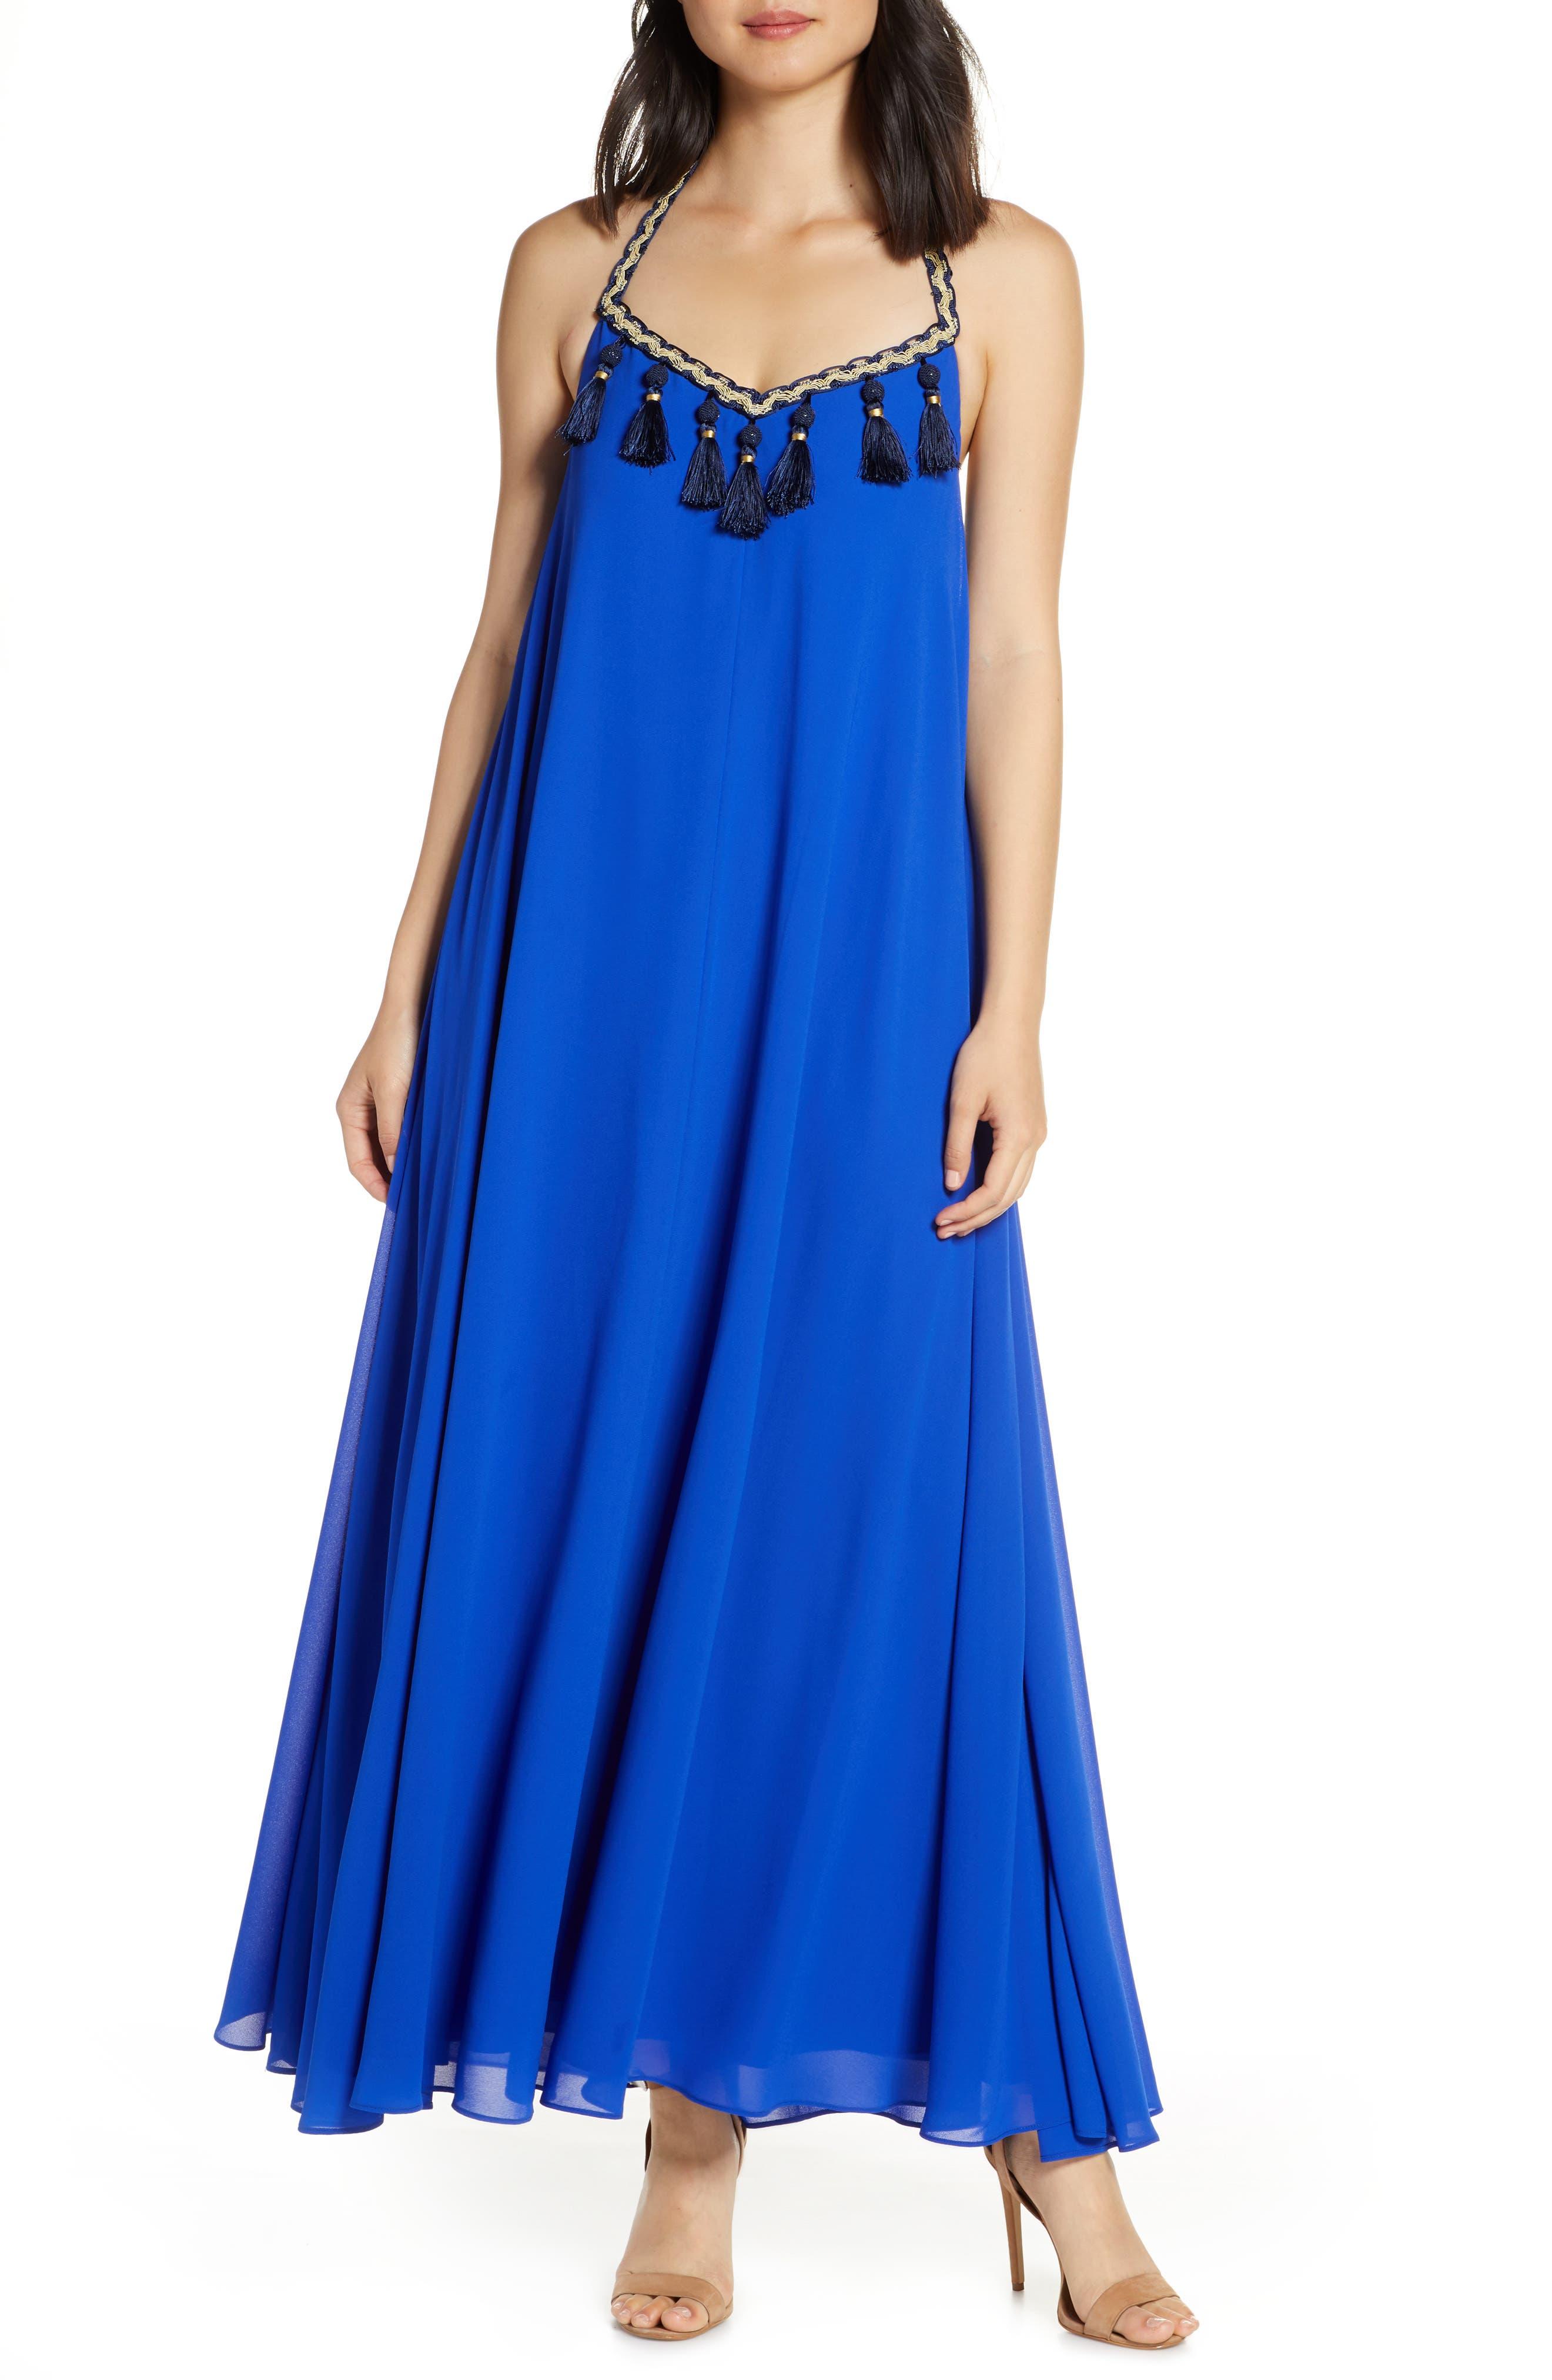 Mark + James By Badgley Mischka Boho Halter Maxi Dress, Blue